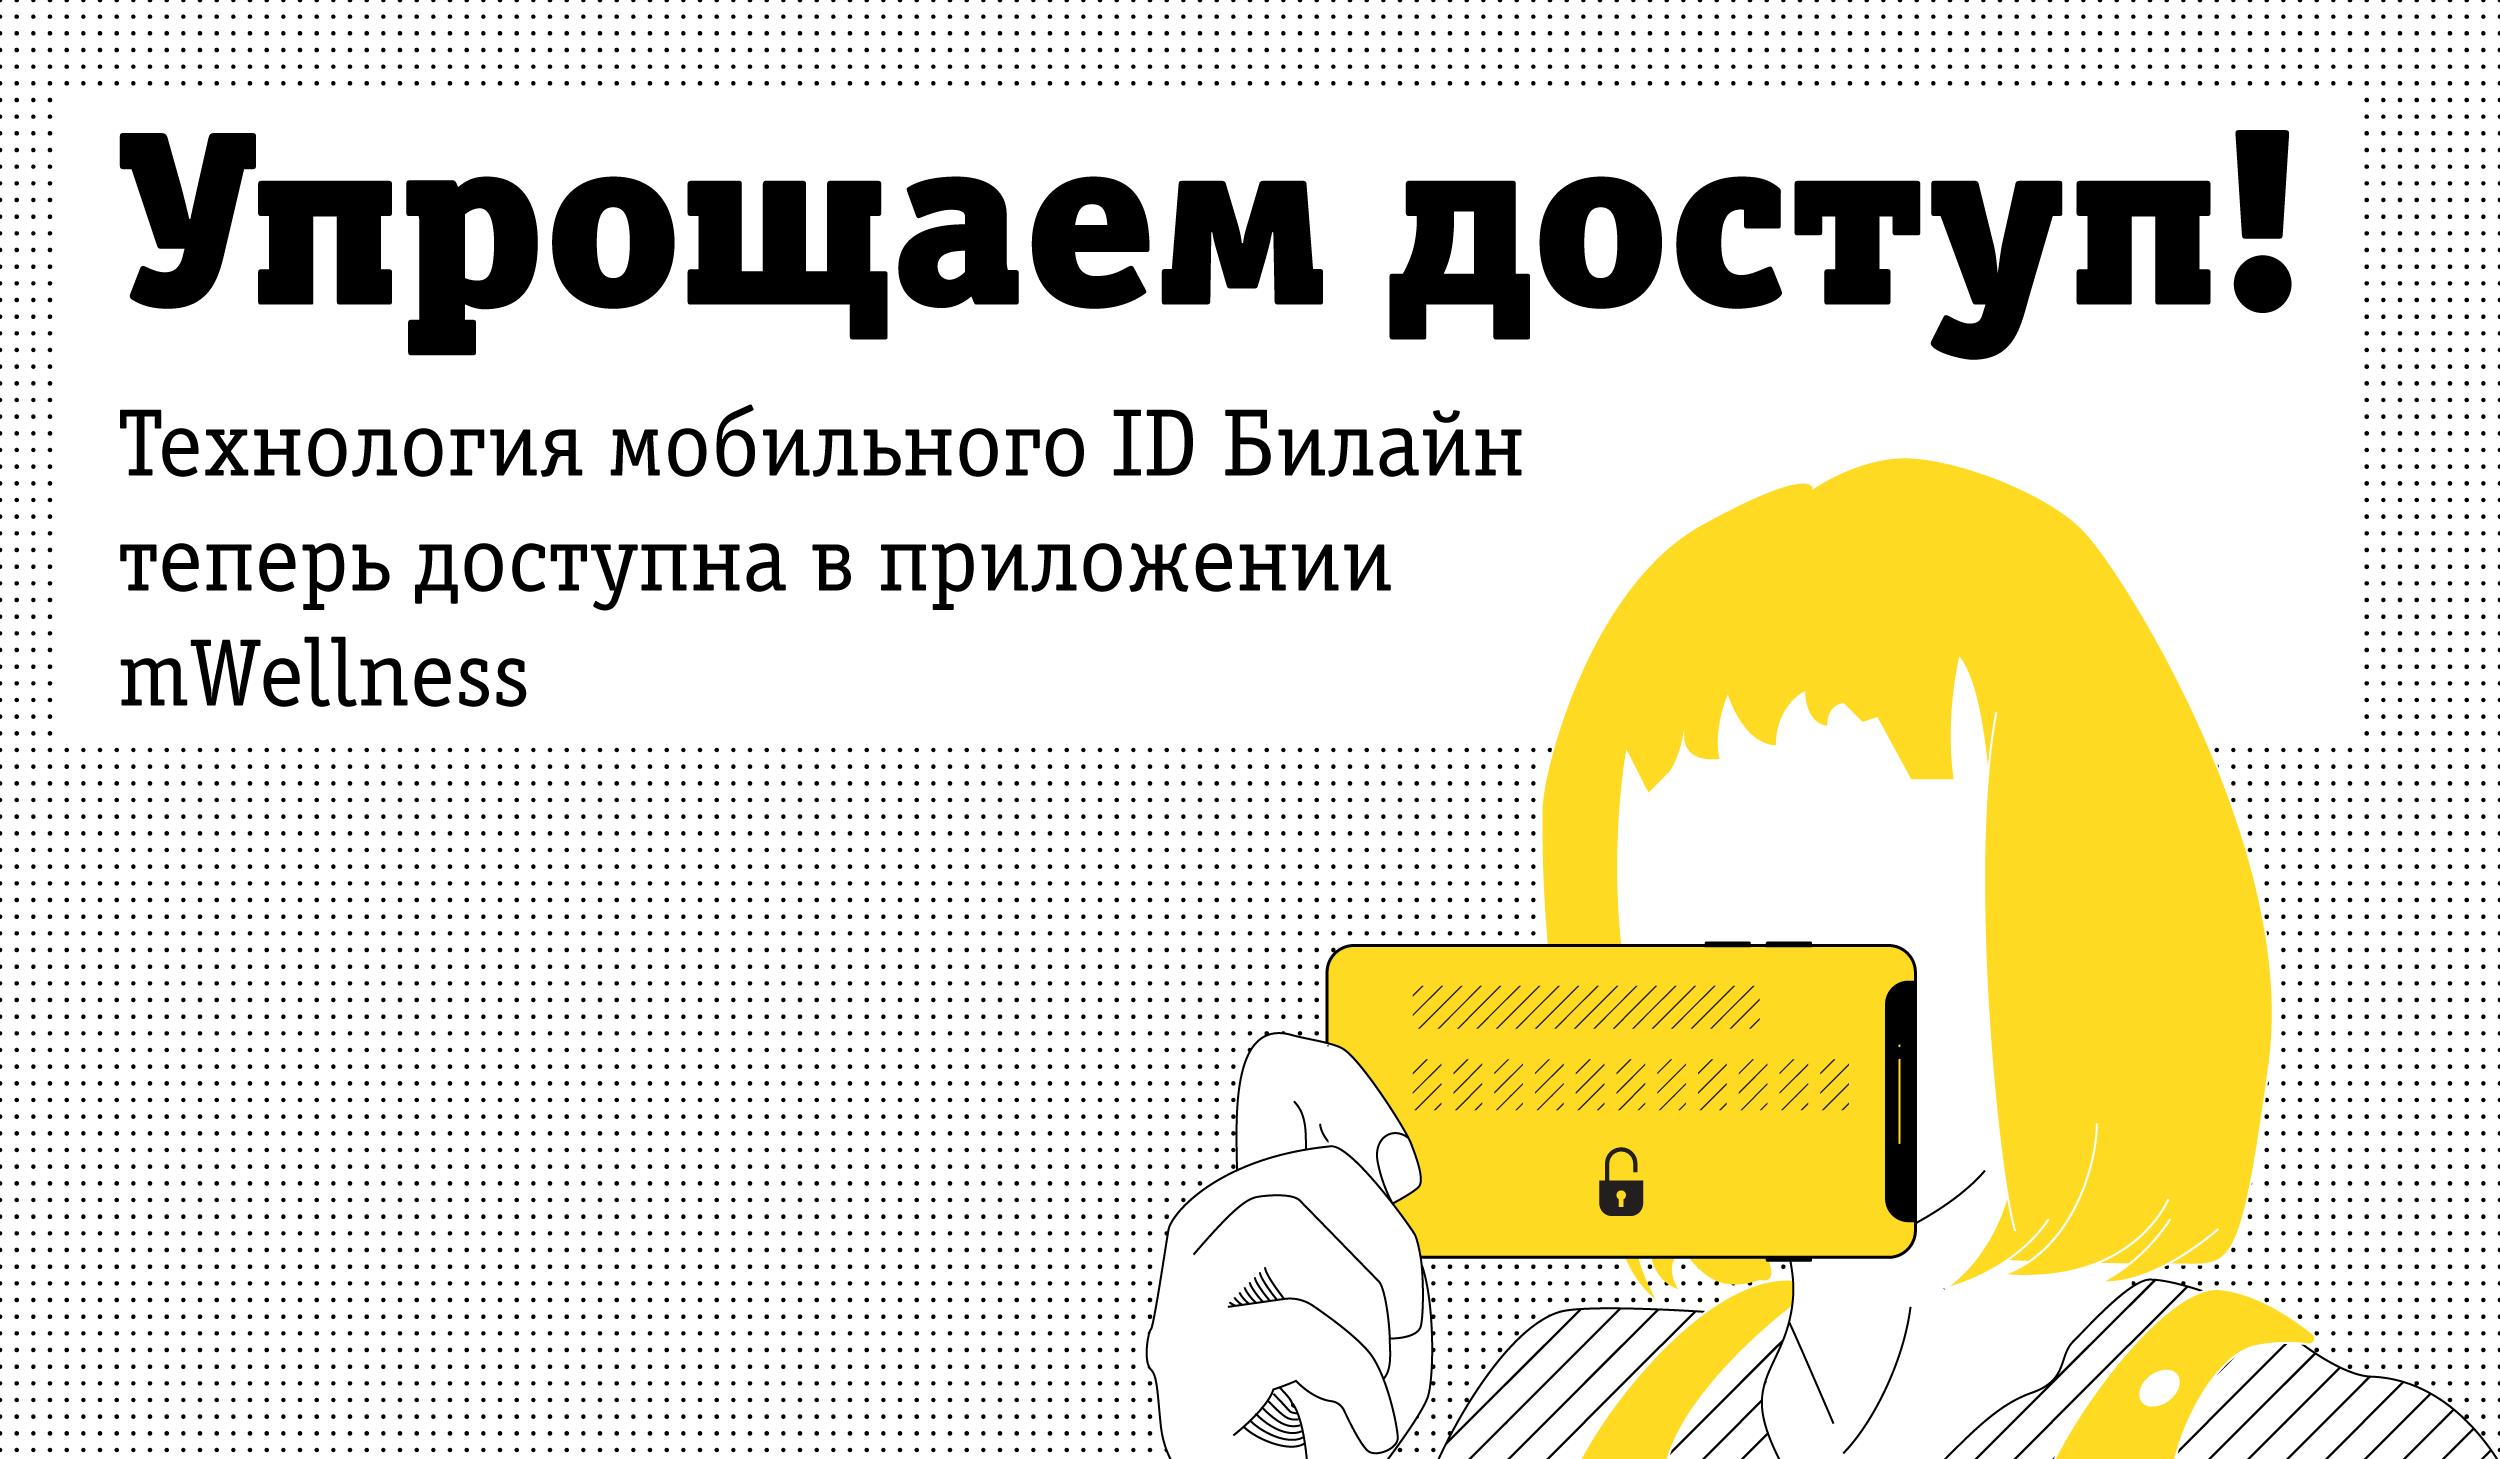 Билайн начинает внедрение технологии Мобильного ID в собственные сервисы 1